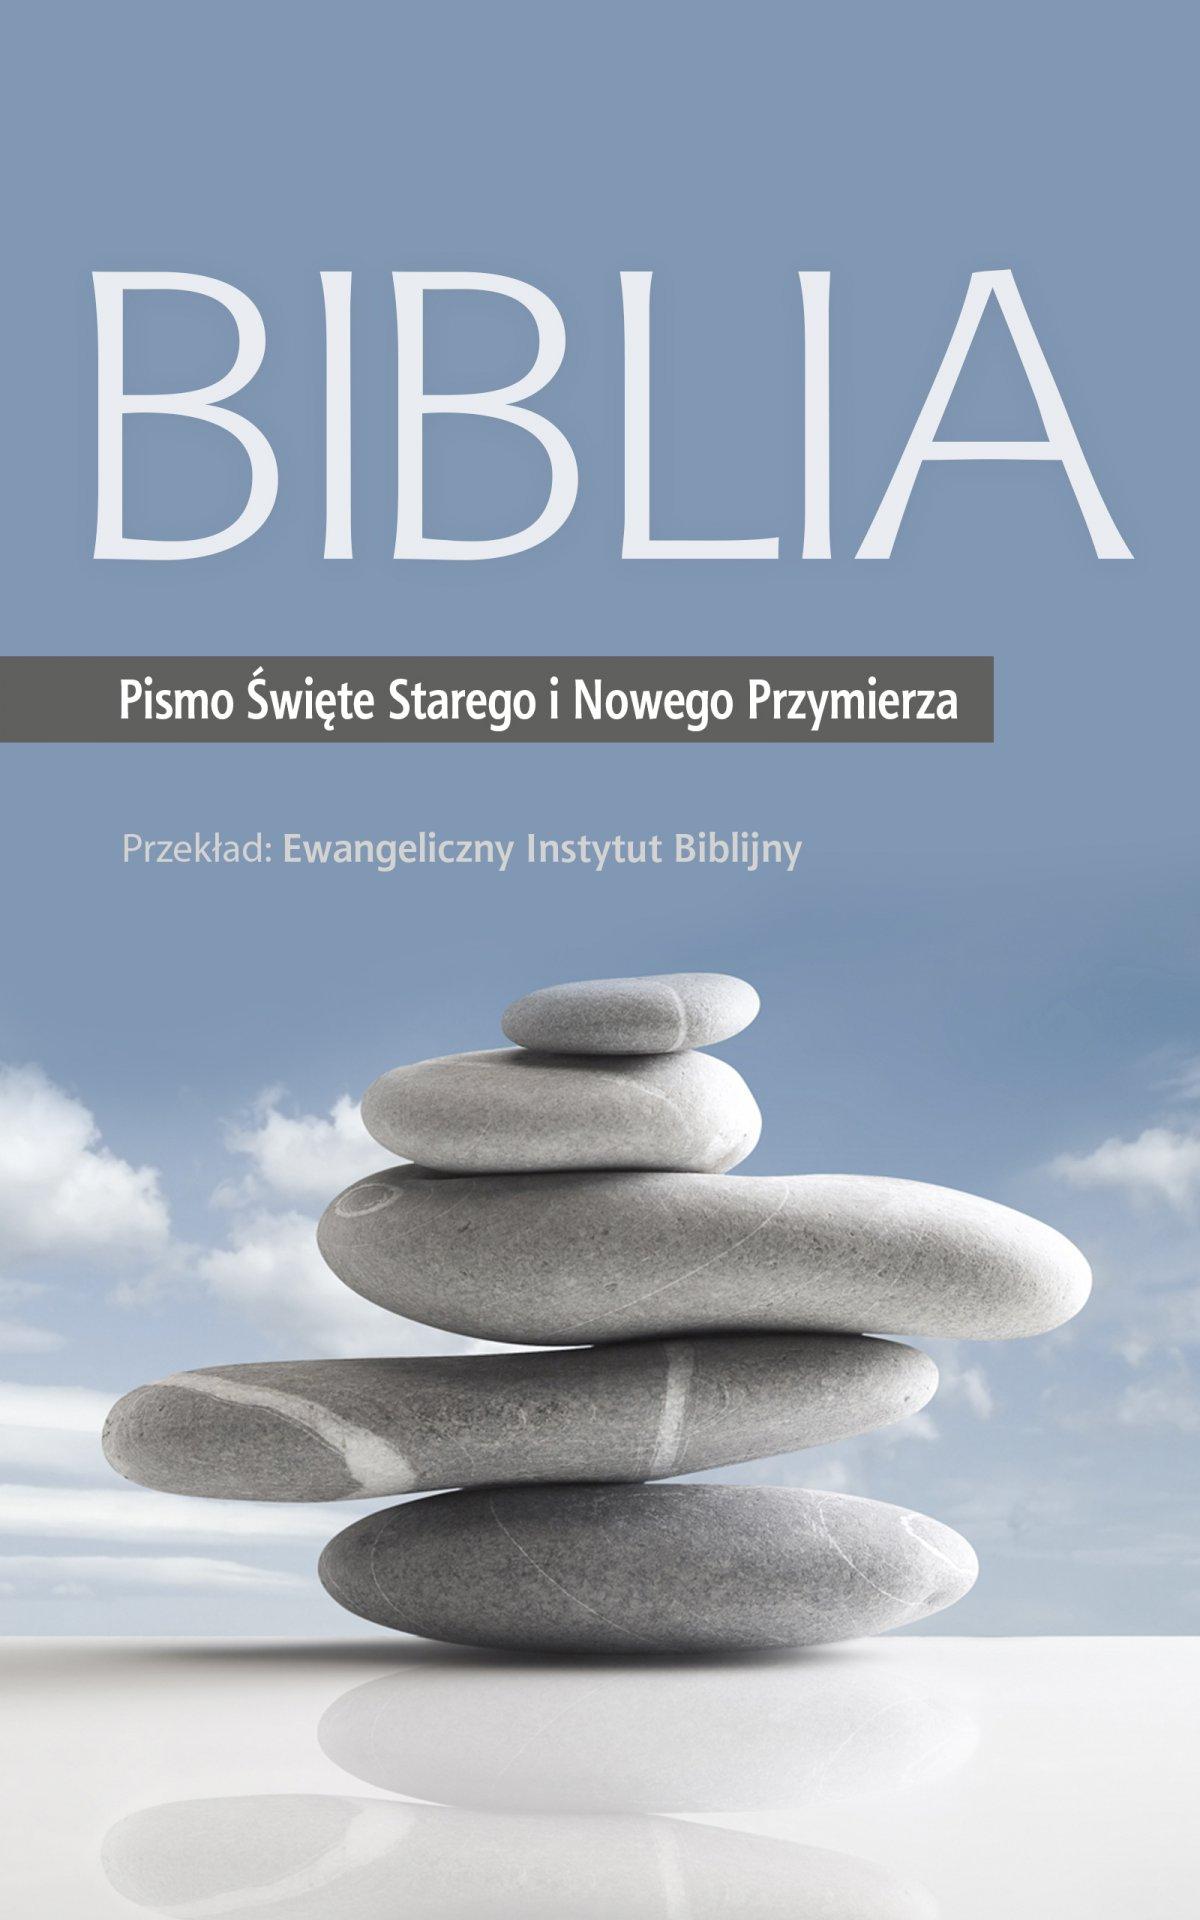 Biblia: Pismo Święte Starego i Nowego Przymierza - Ebook (Książka na Kindle) do pobrania w formacie MOBI